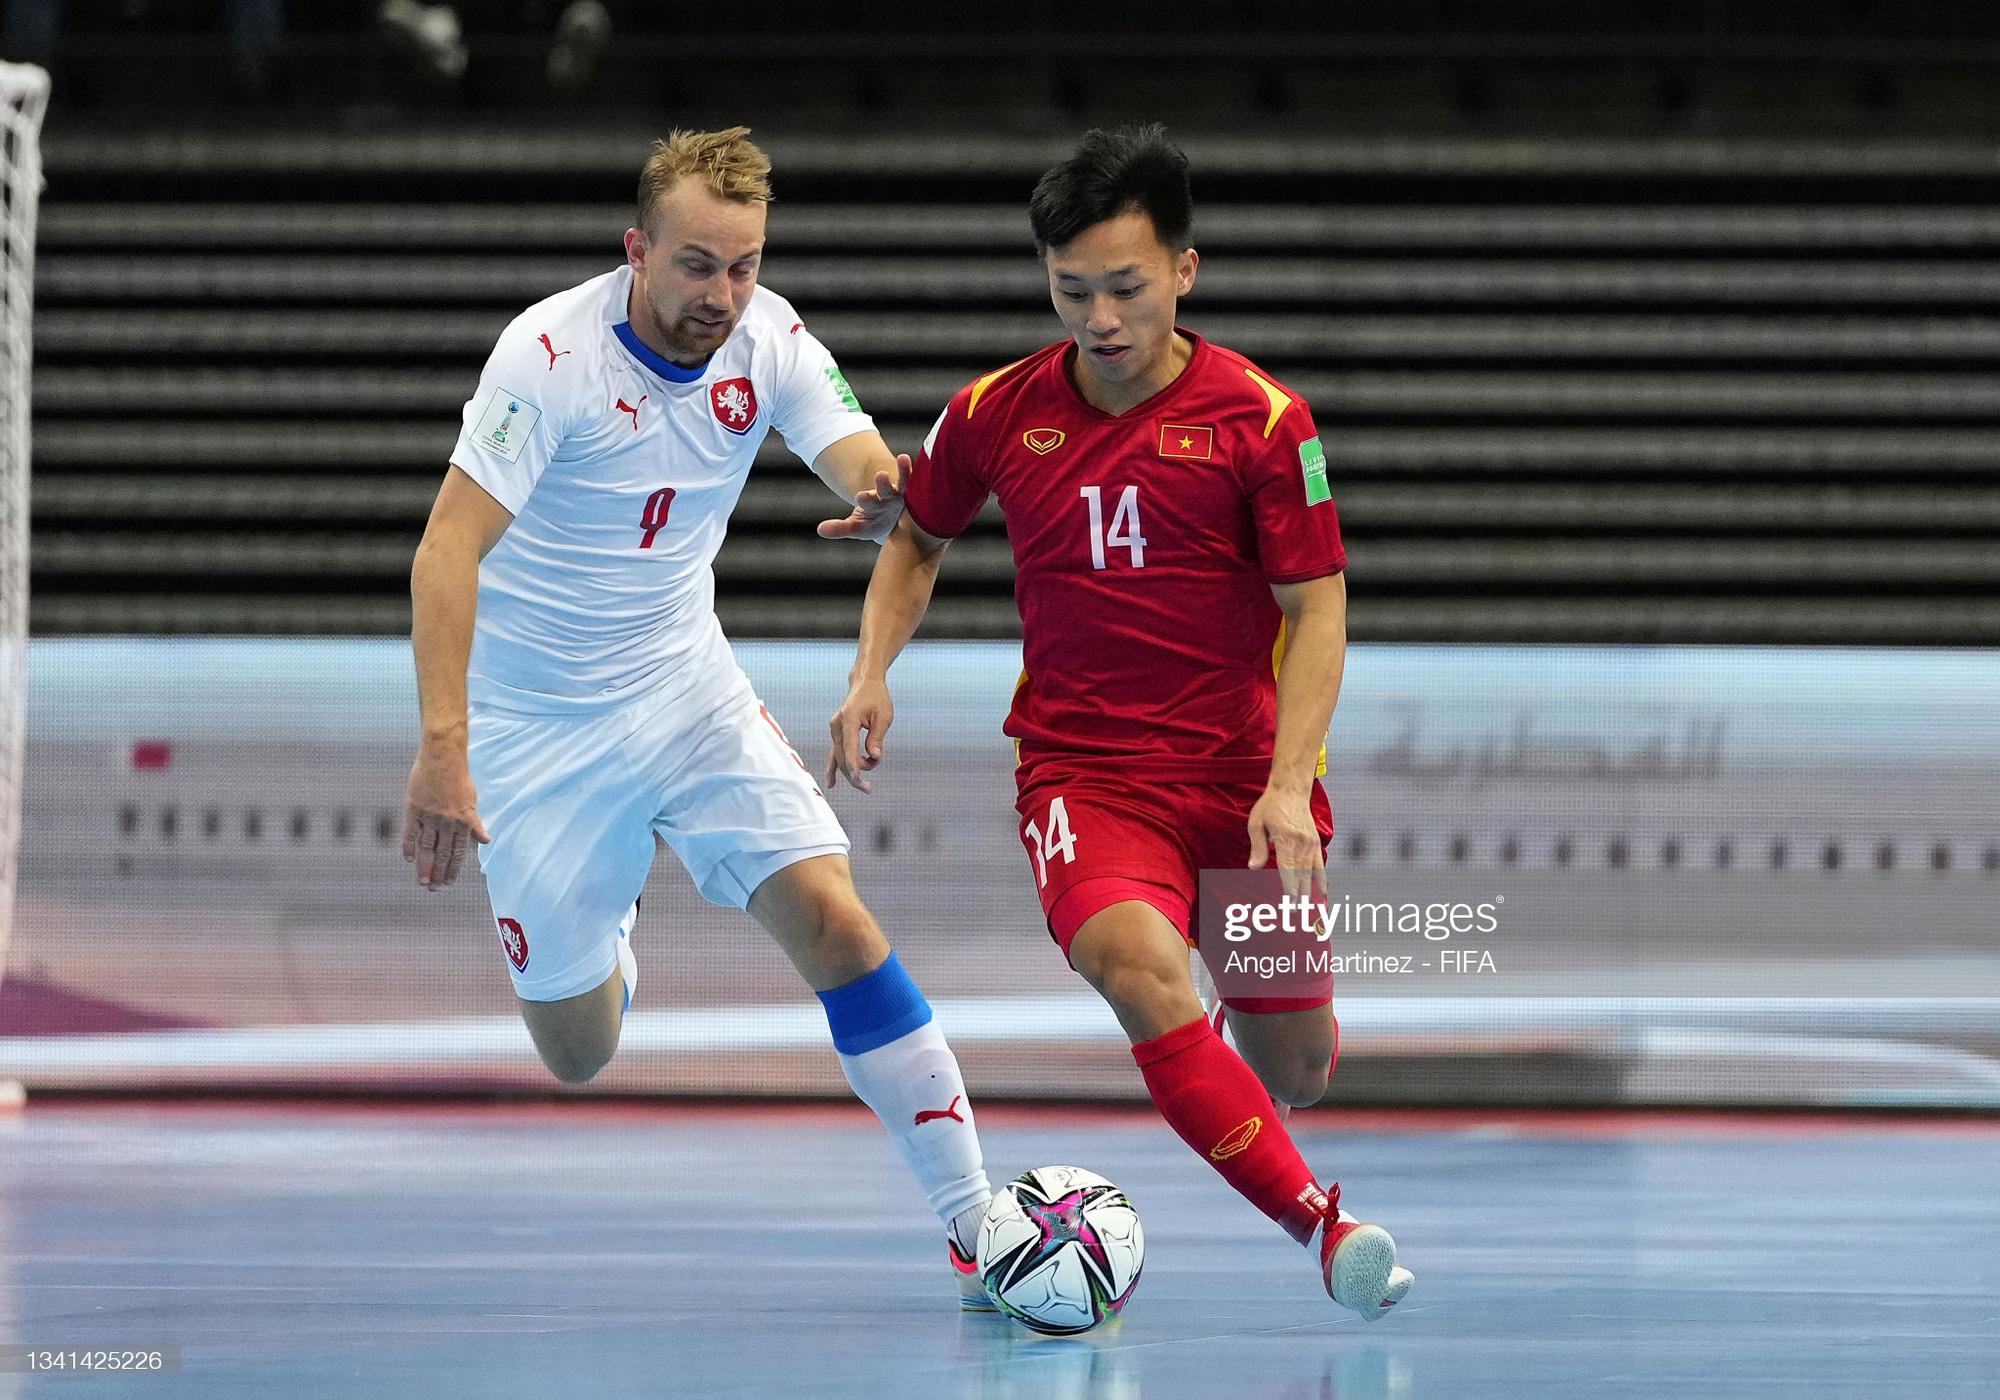 Tuyển thủ futsal Nguyễn Văn Hiếu được FIFA vinh danh trên trang chủ - Ảnh 2.